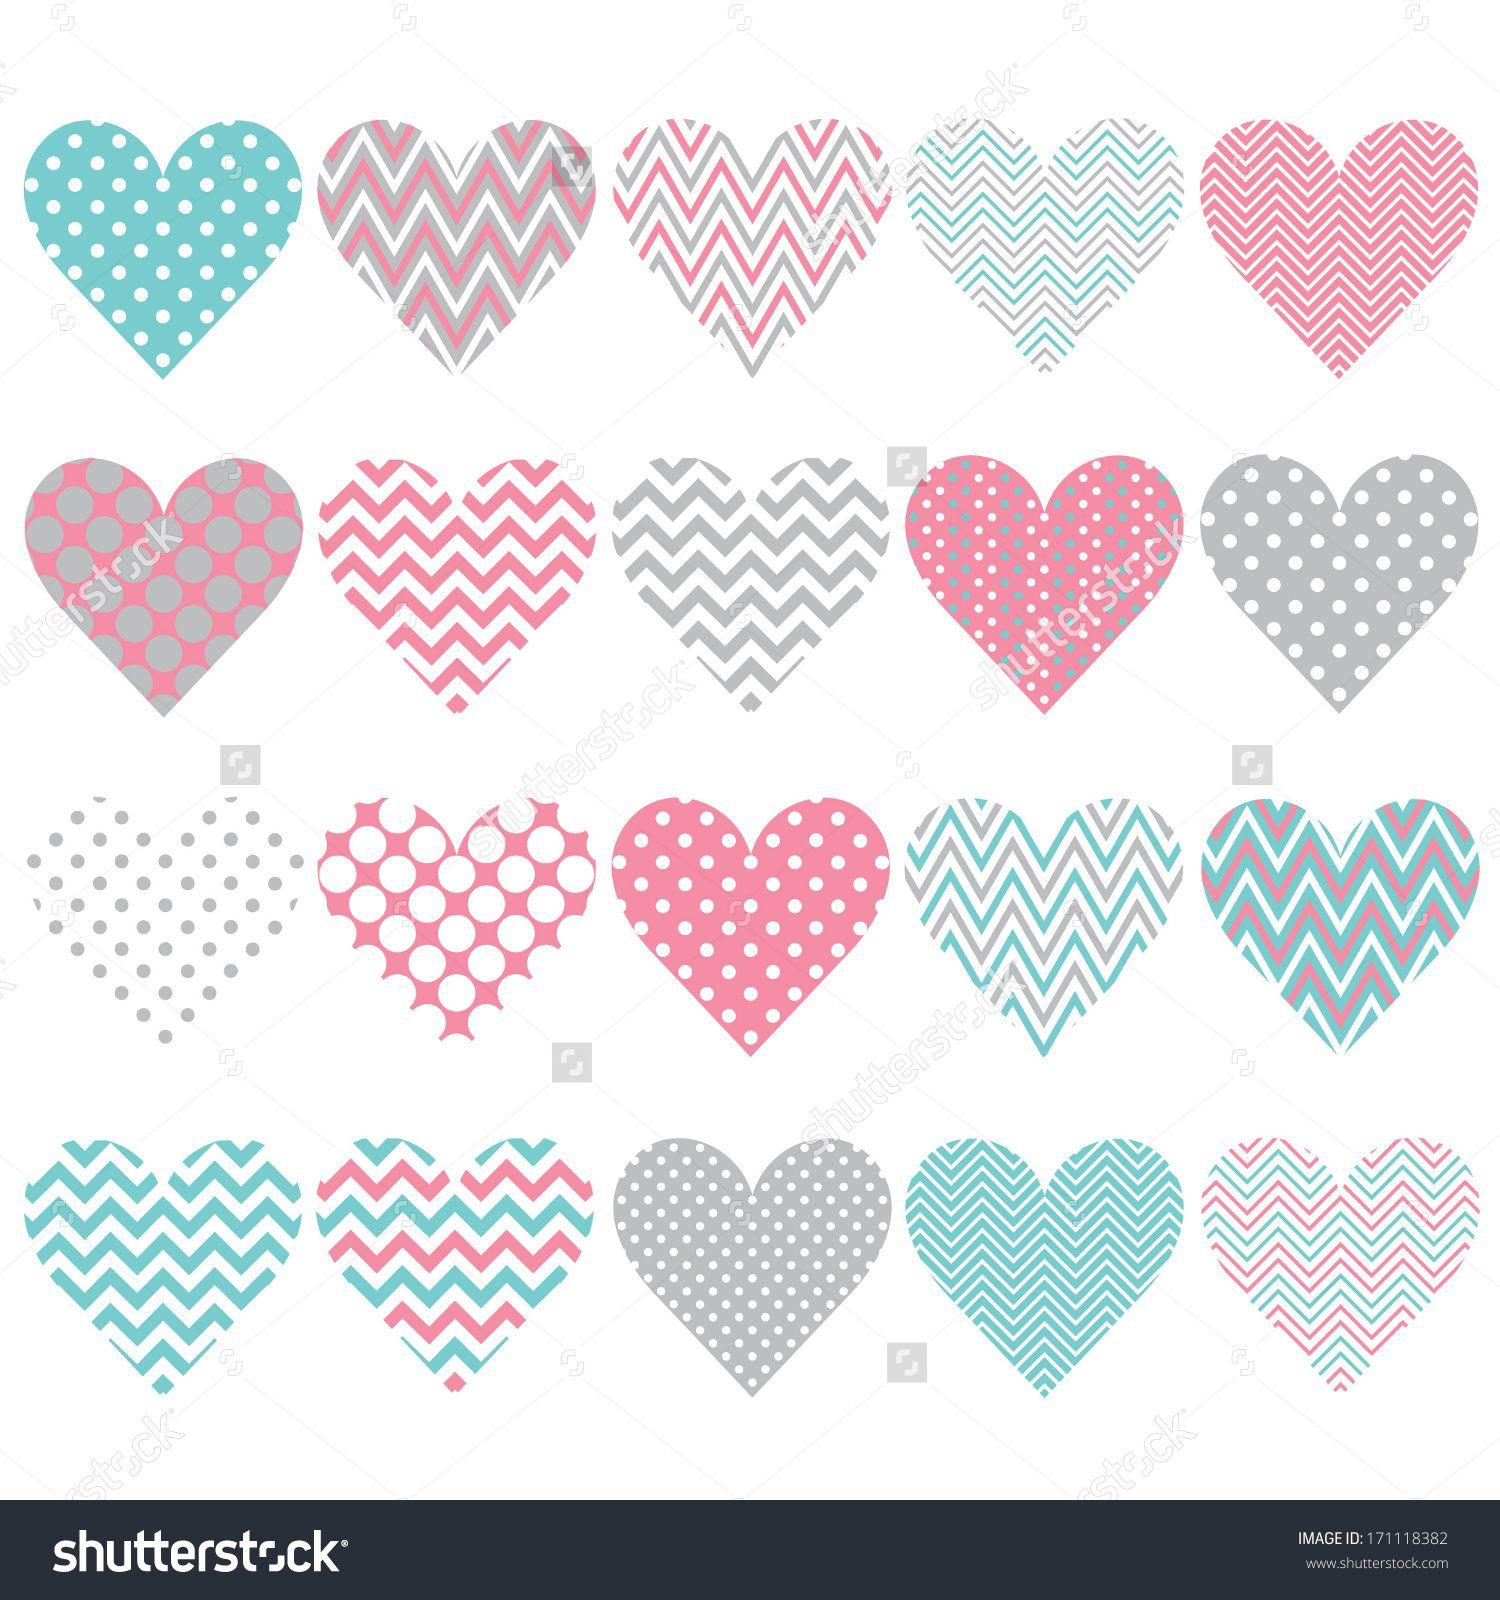 Chevron clipart shape. Heart teachings clip art